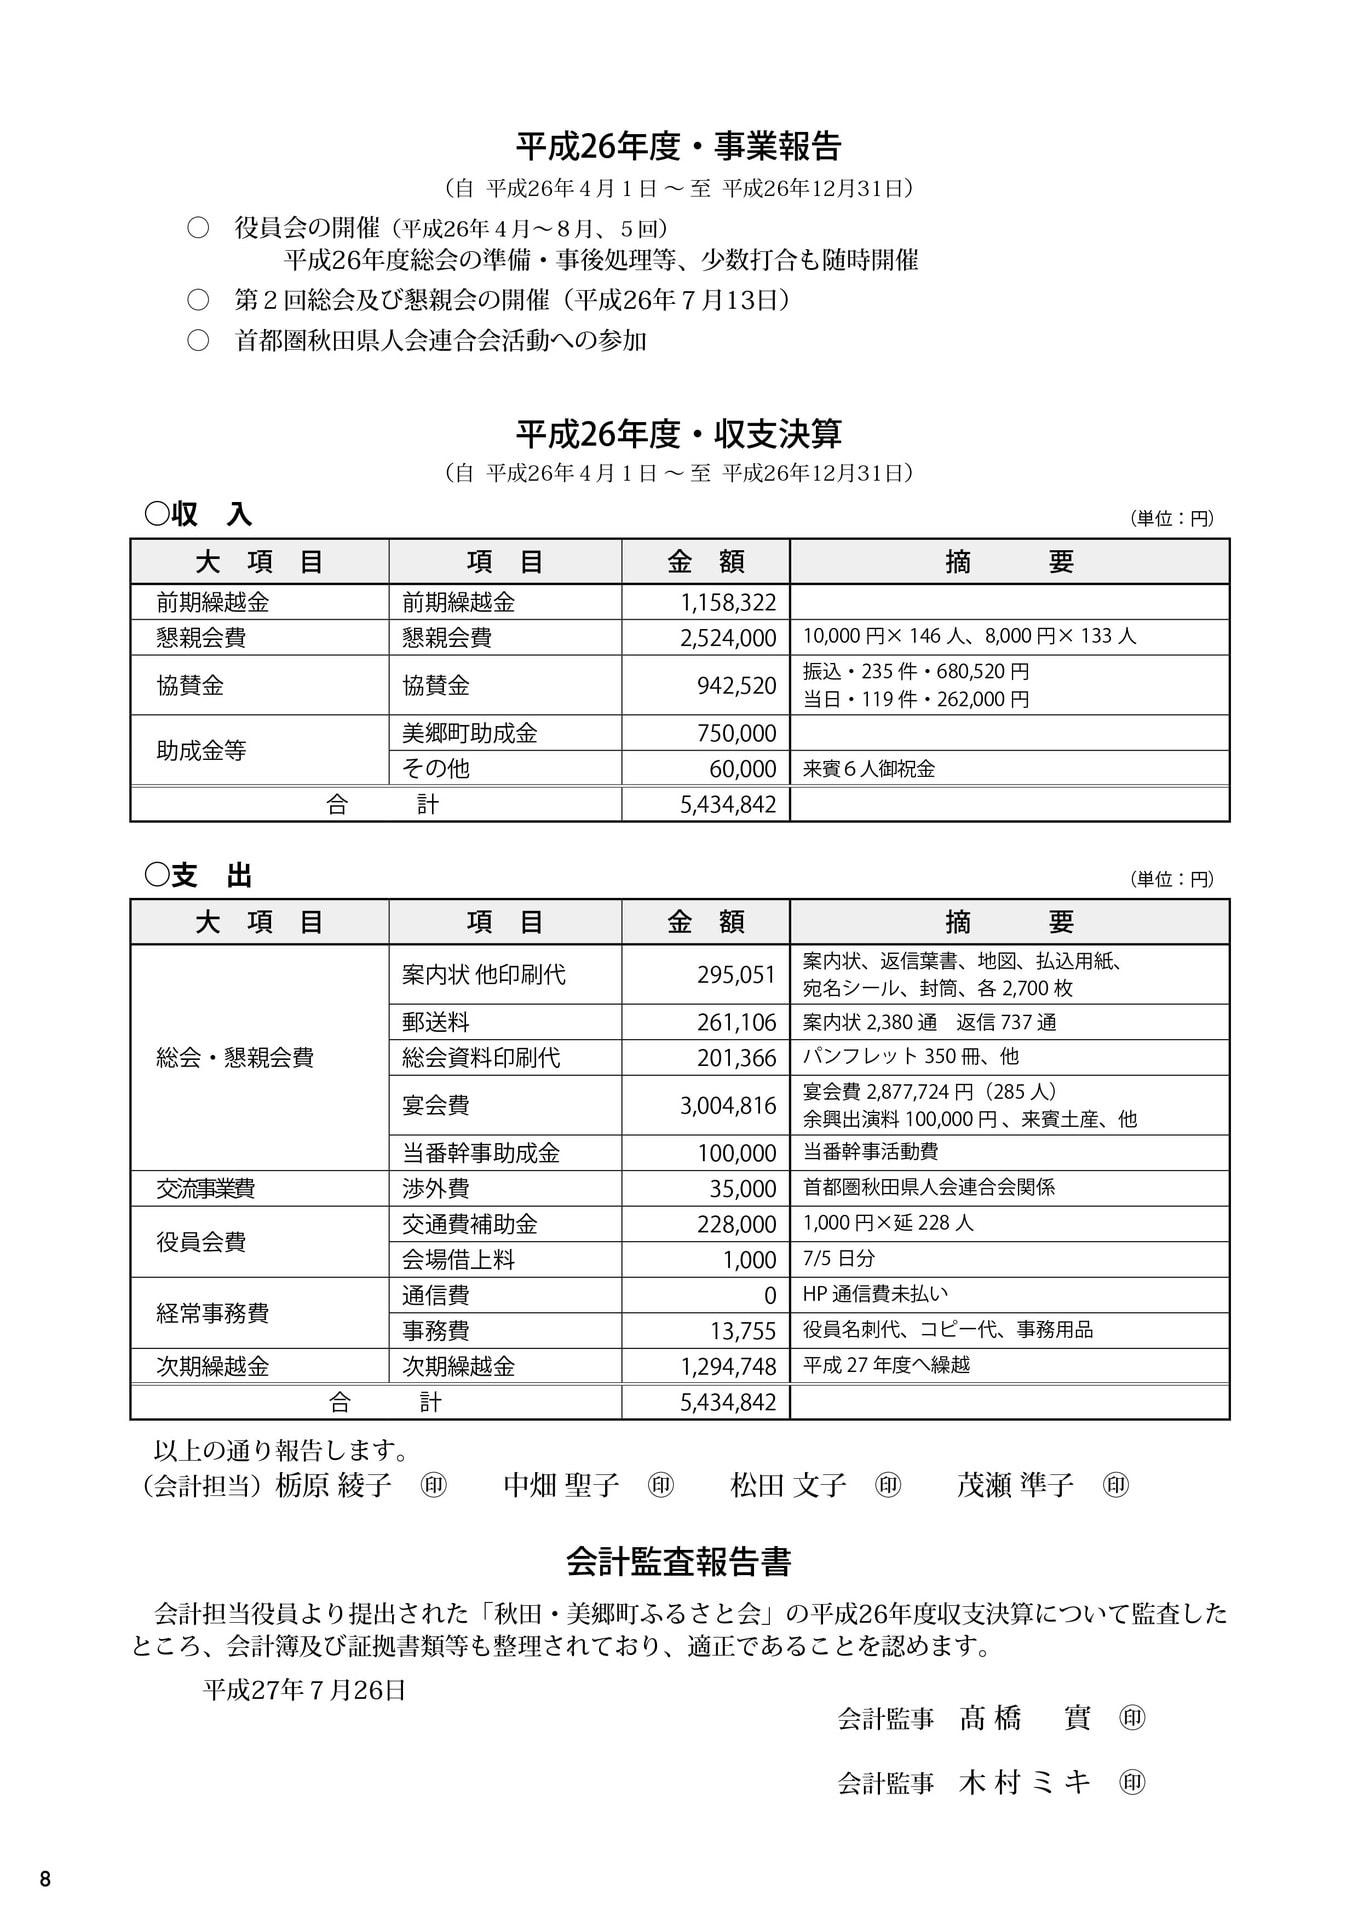 第3回秋田・美郷町ふるさと会パンフレット(事業報告、収支決算、会計監査報告書)